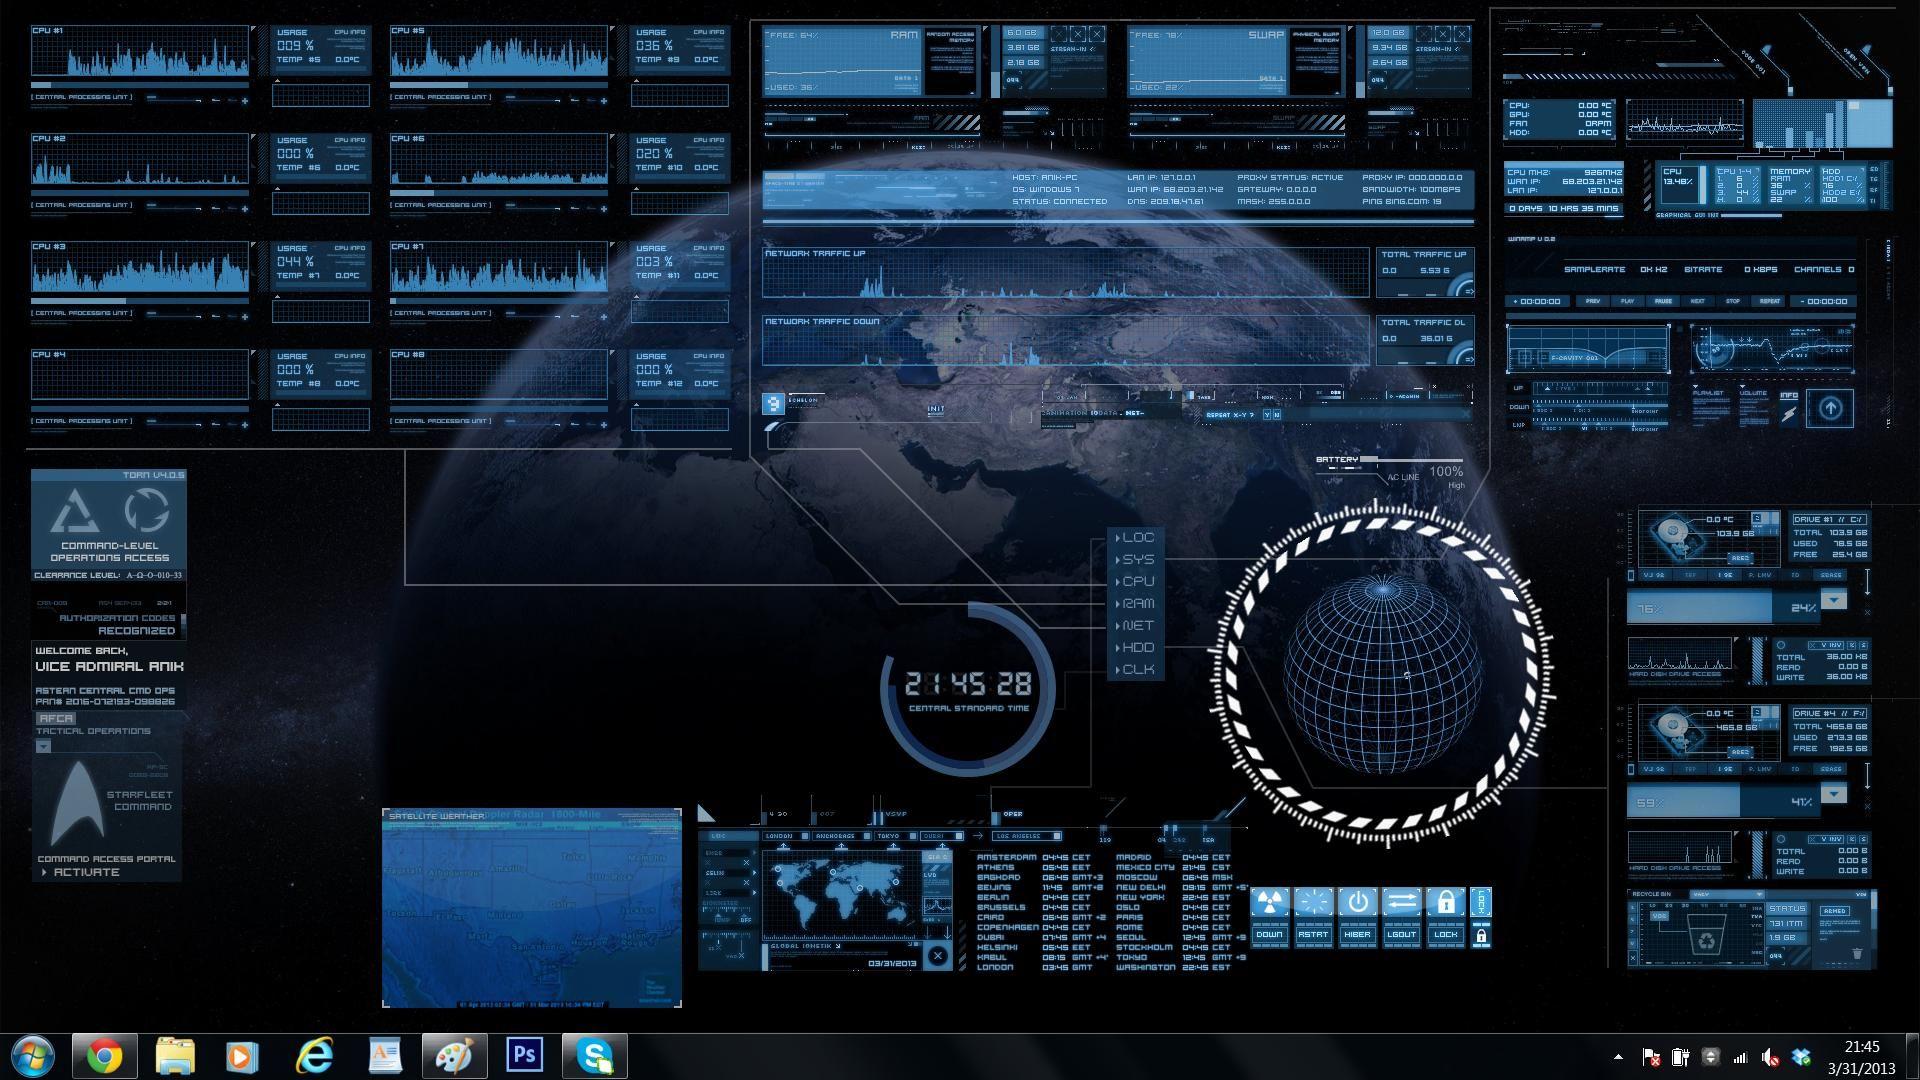 Scifi Futuristic User Interface Vector Illustration Stock Vector ...